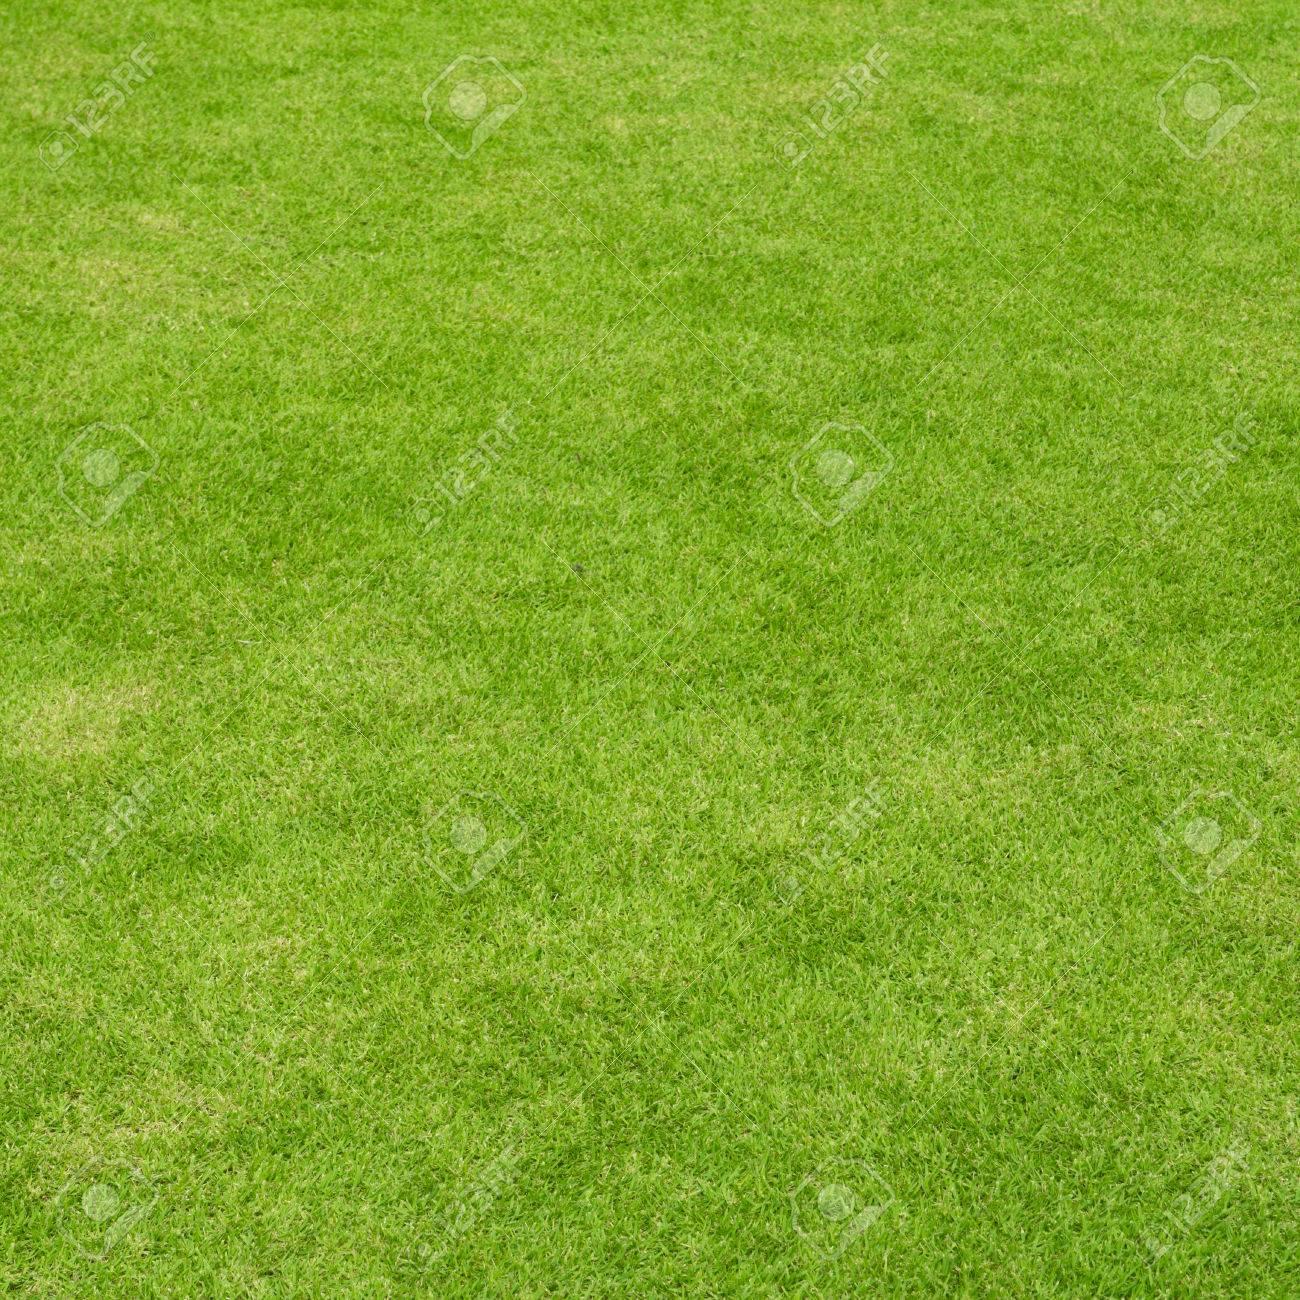 Hintergrund Schönen Rasen Real Gras In Einem Quadratischen Rahmen